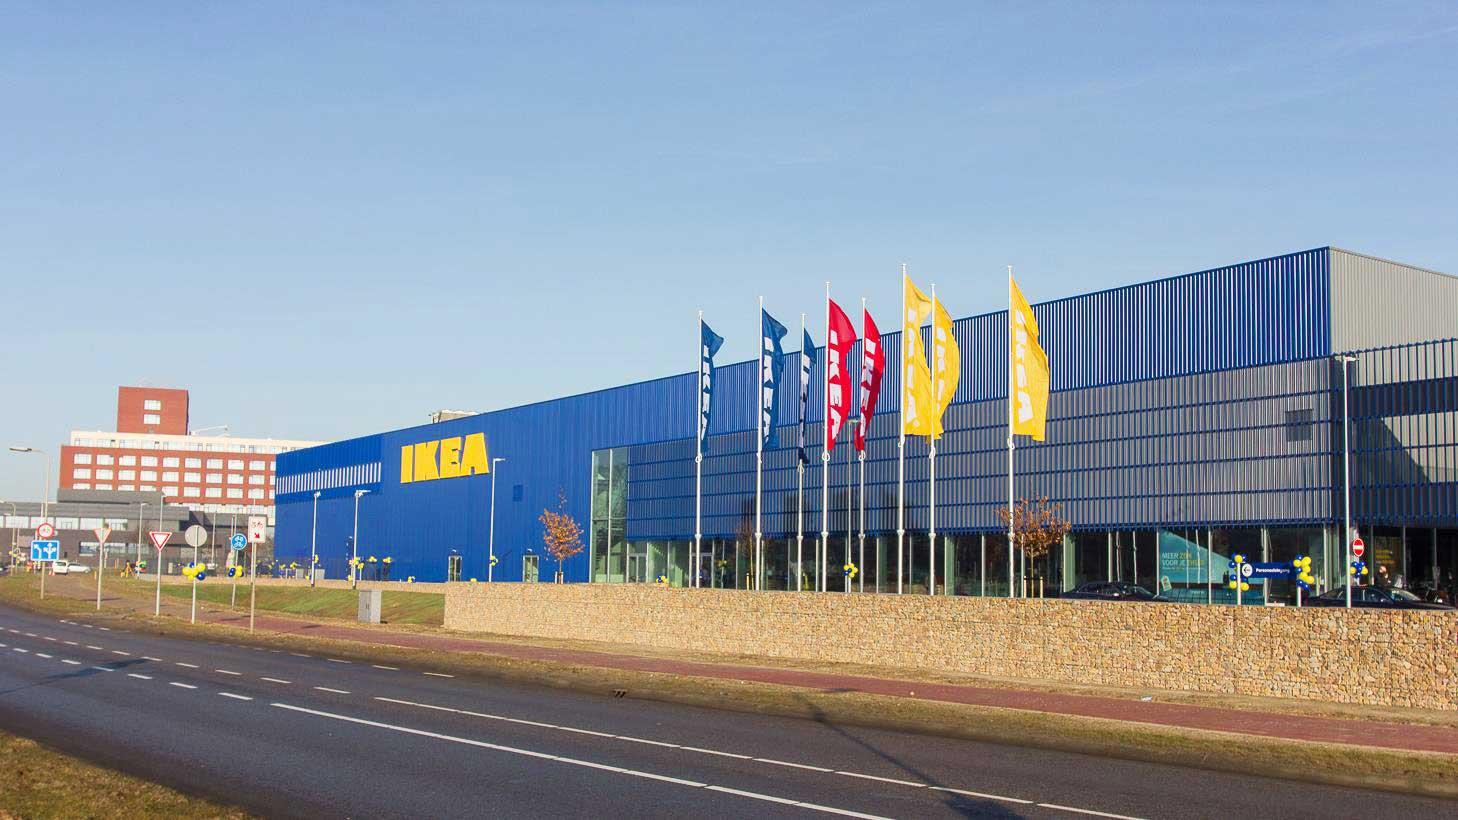 Full Size of Trennwand Ikea Sofa Mit Schlaffunktion Küche Kosten Miniküche Modulküche Garten Kaufen Betten 160x200 Glastrennwand Dusche Bei Wohnzimmer Trennwand Ikea